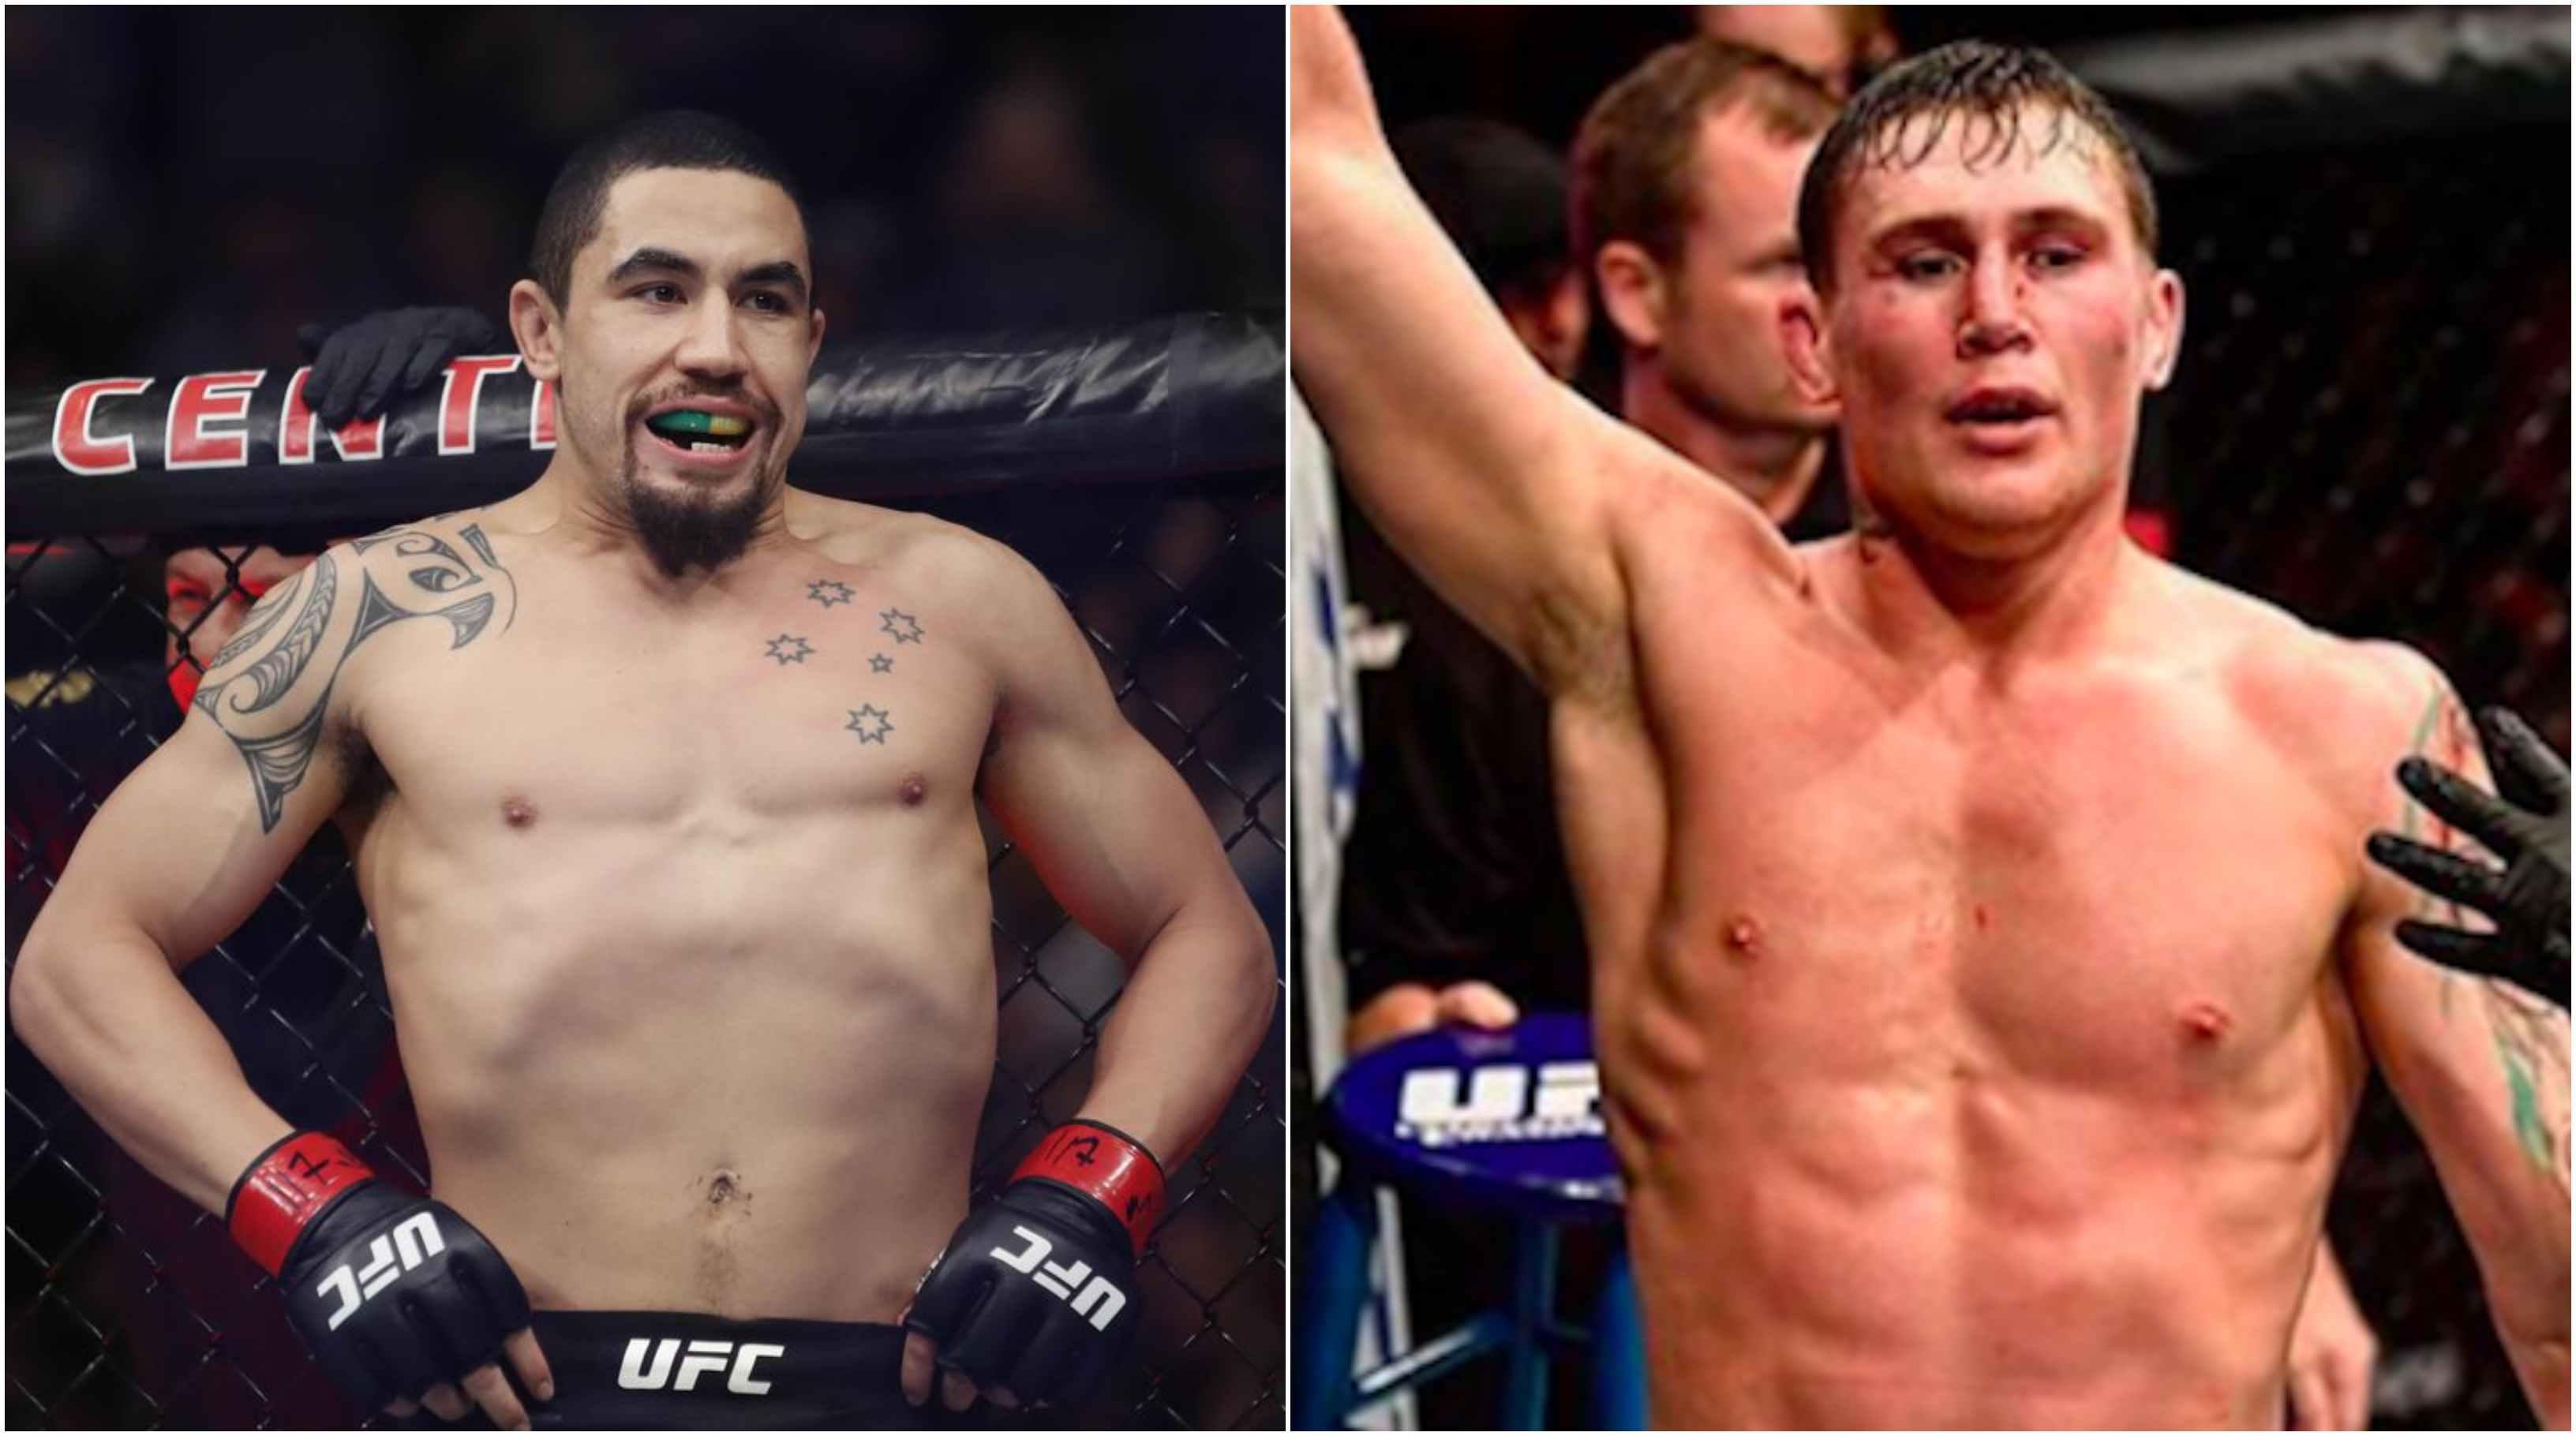 Robert Whittaker impressed by Darren Till's performance at UFC 244 - Till